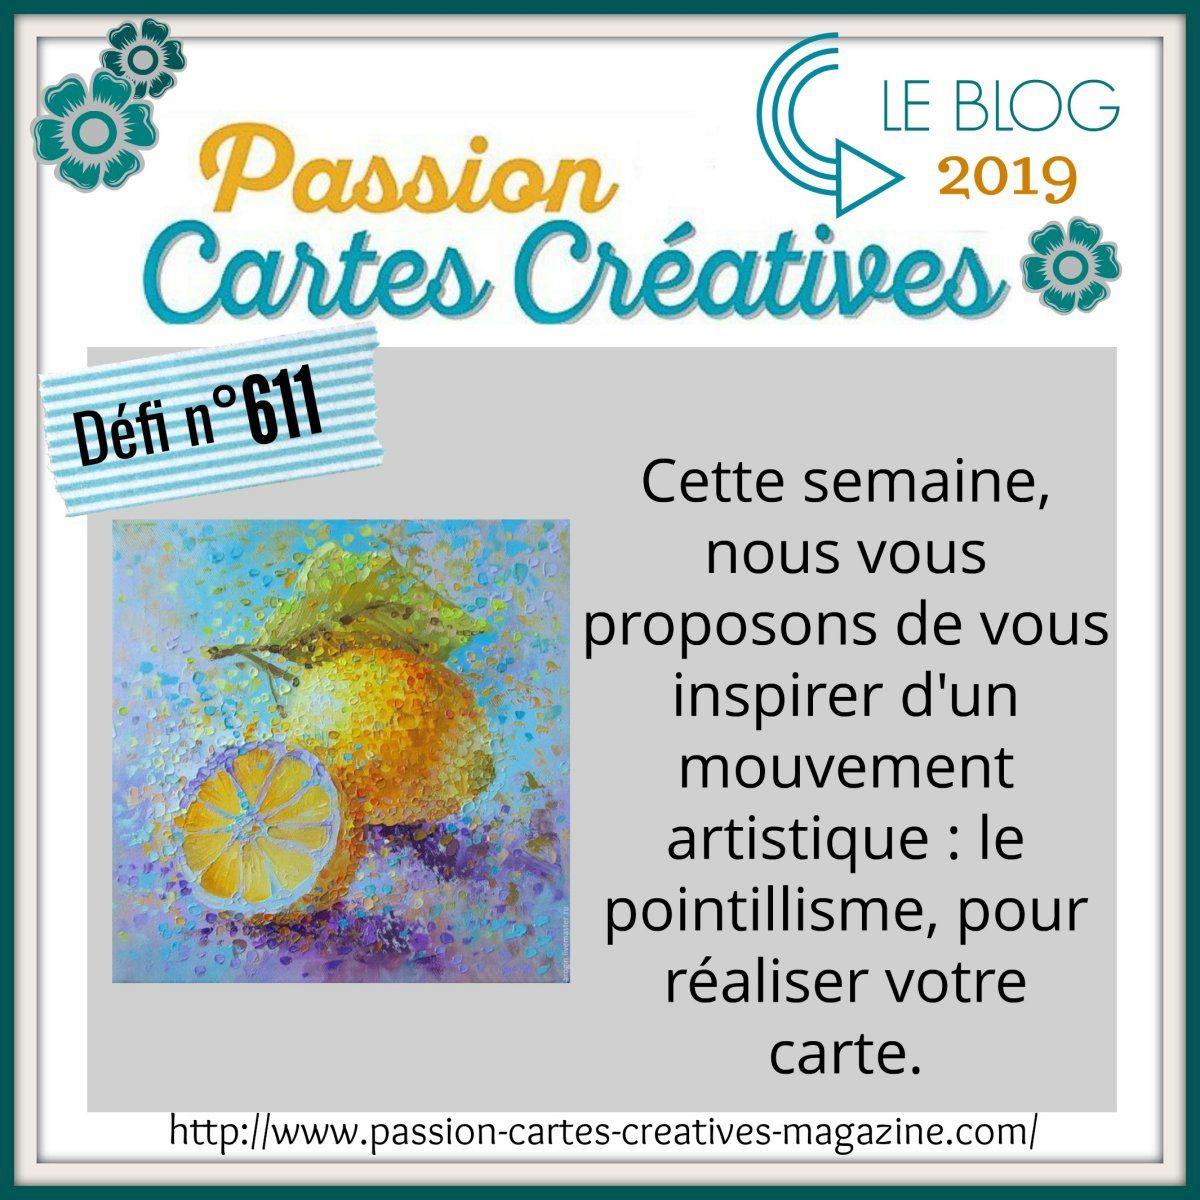 Défi 611 de Passion Cartes Créatives